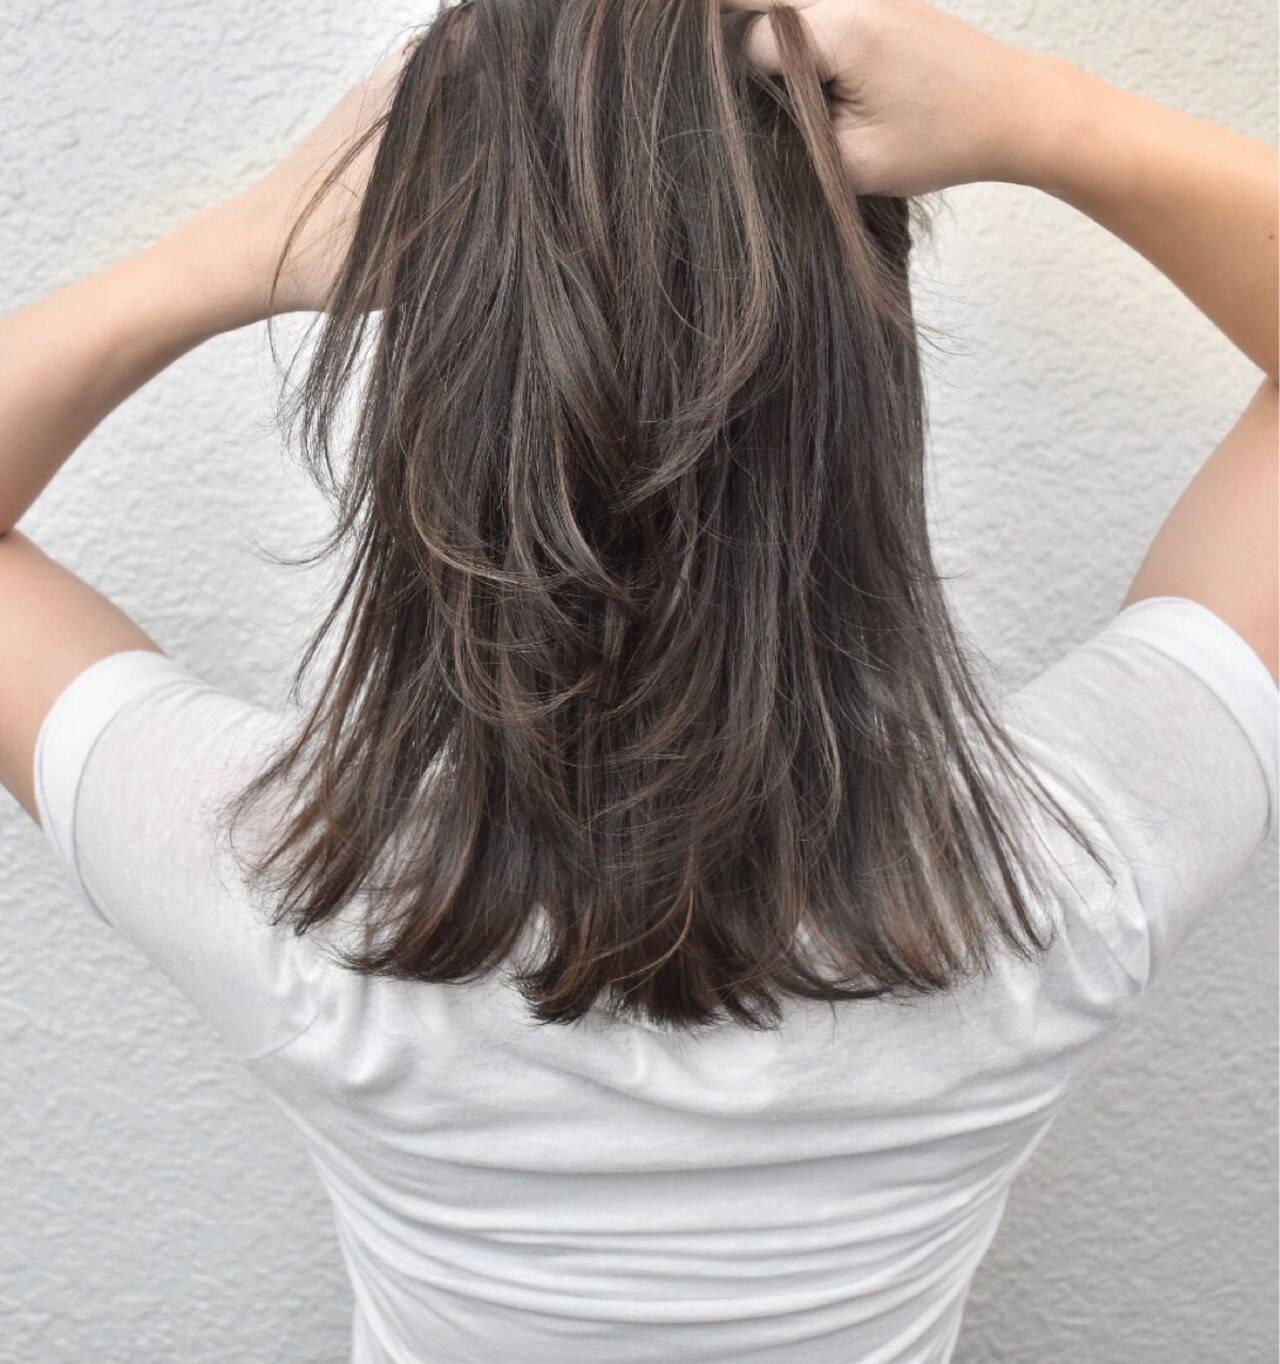 アッシュベージュ 外国人風 ハイライト 外国人風カラーヘアスタイルや髪型の写真・画像